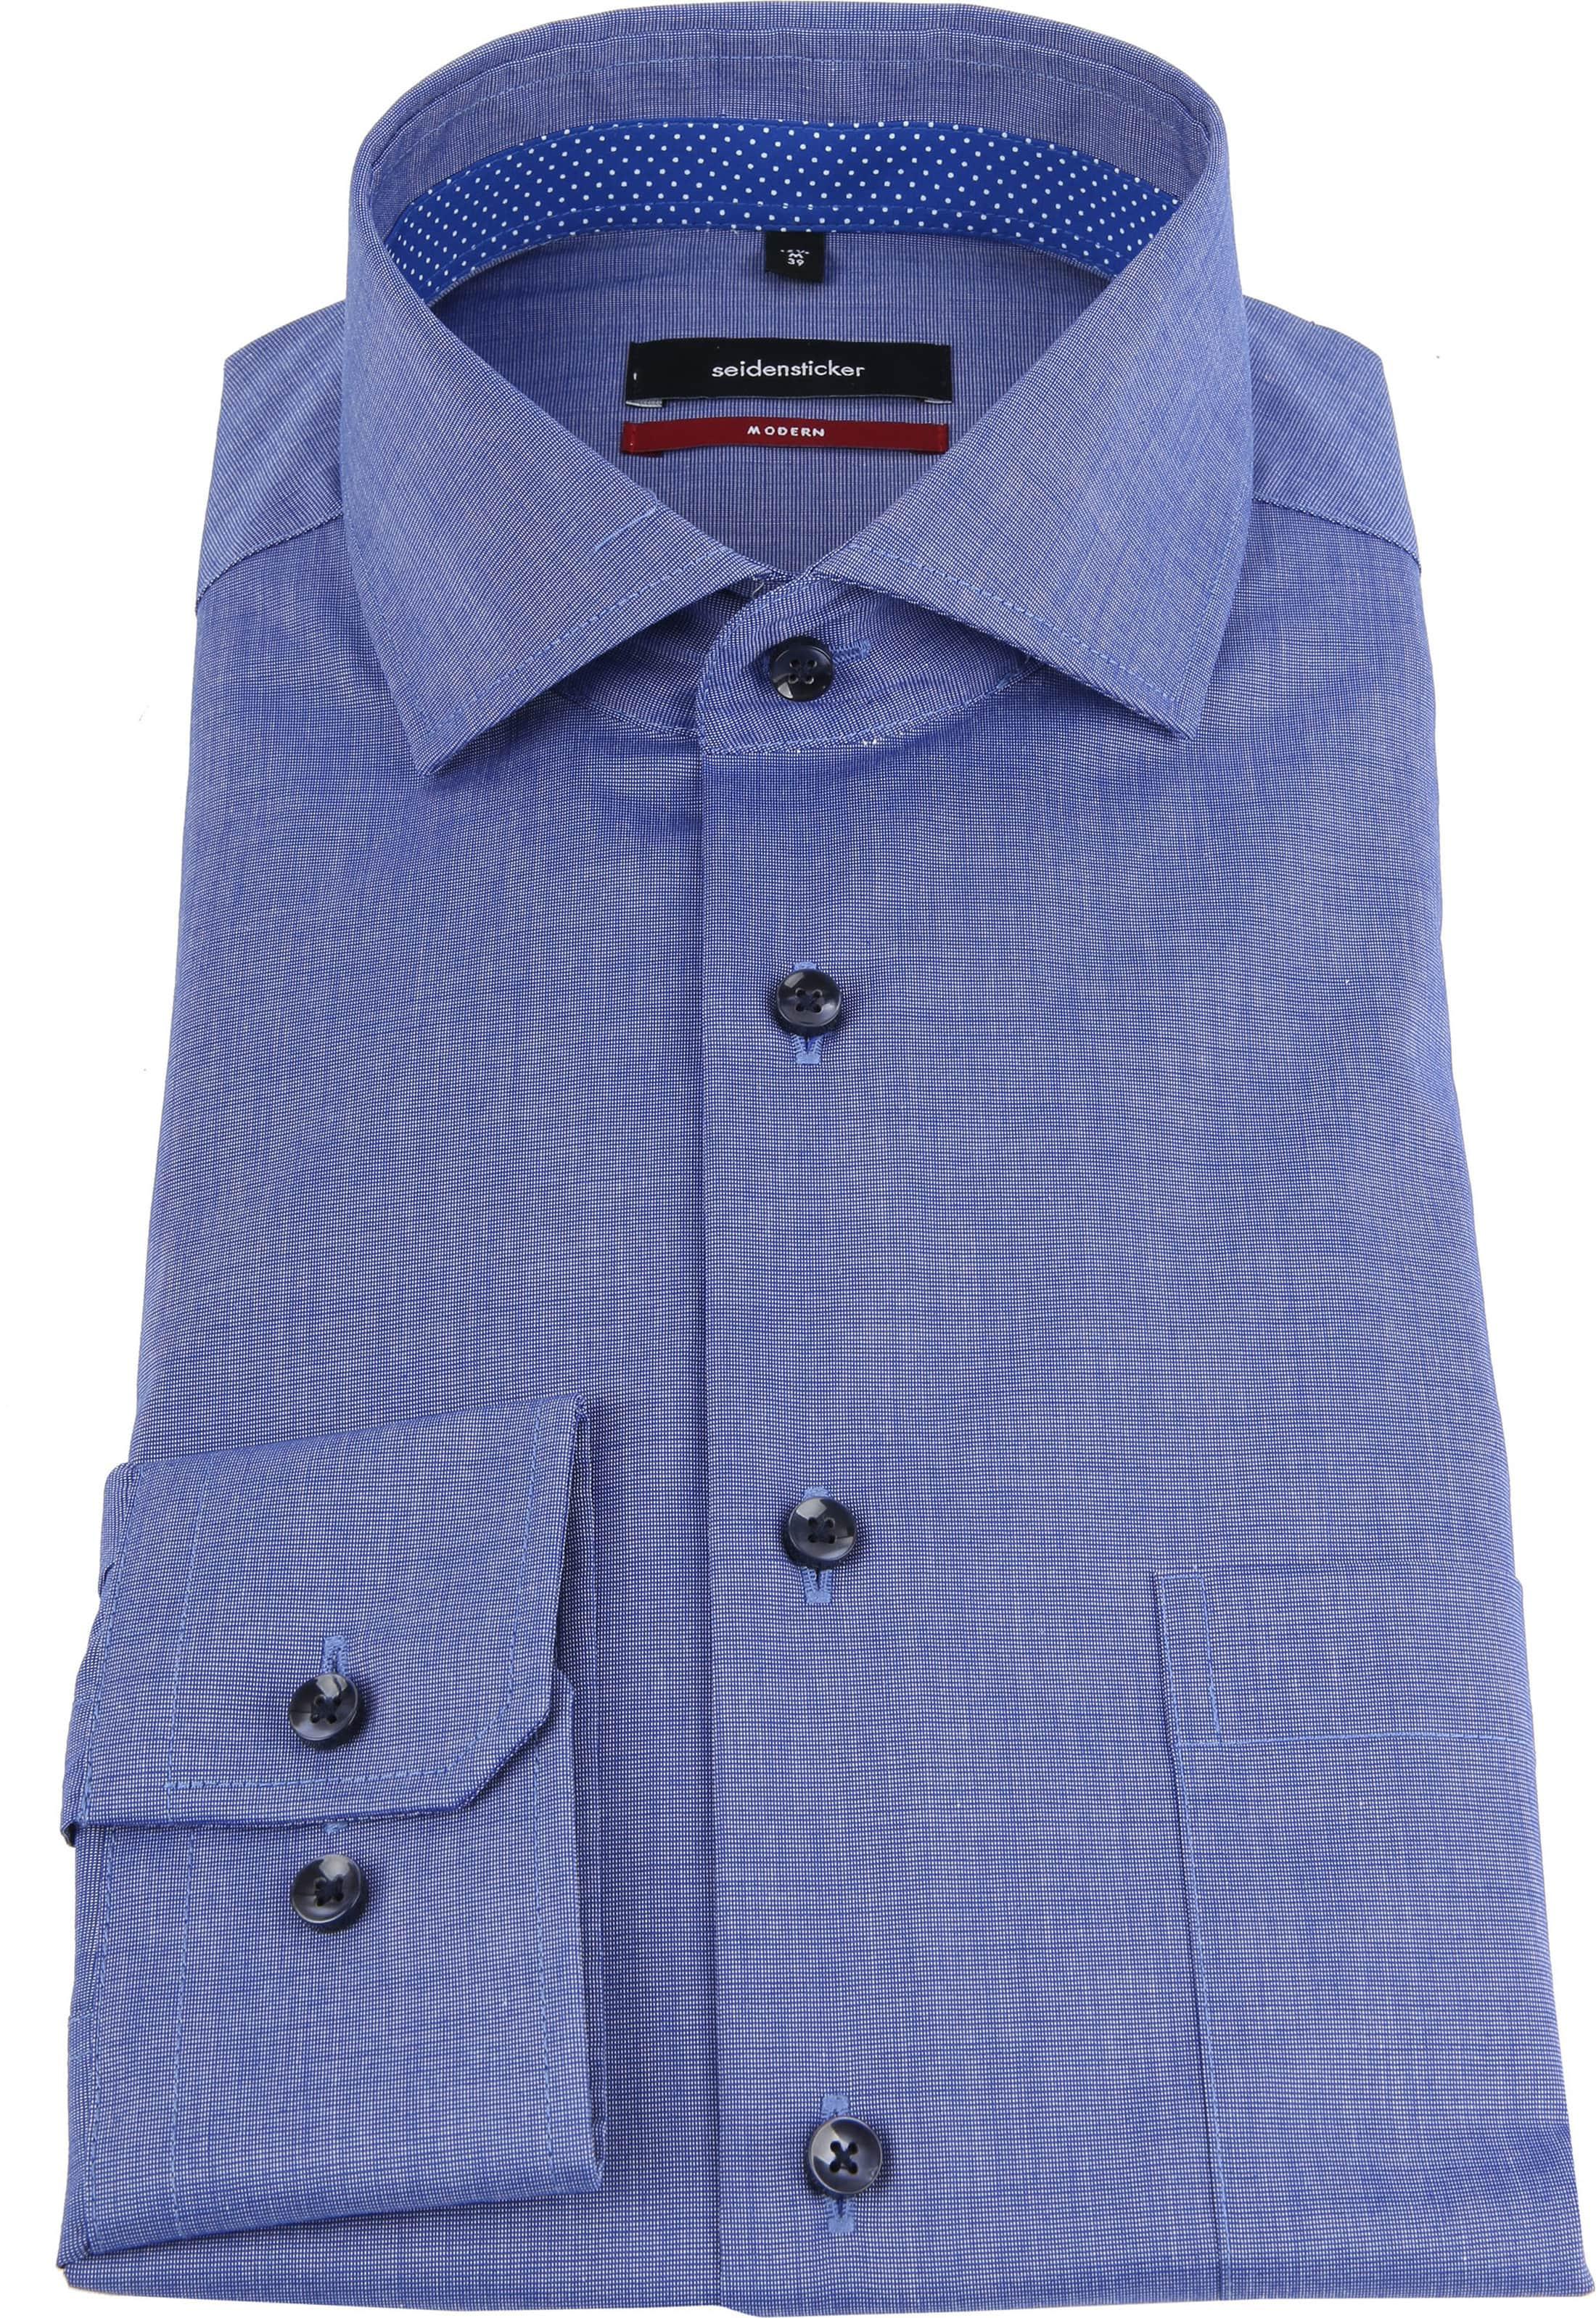 Seidensticker Overhemd Blauw foto 2